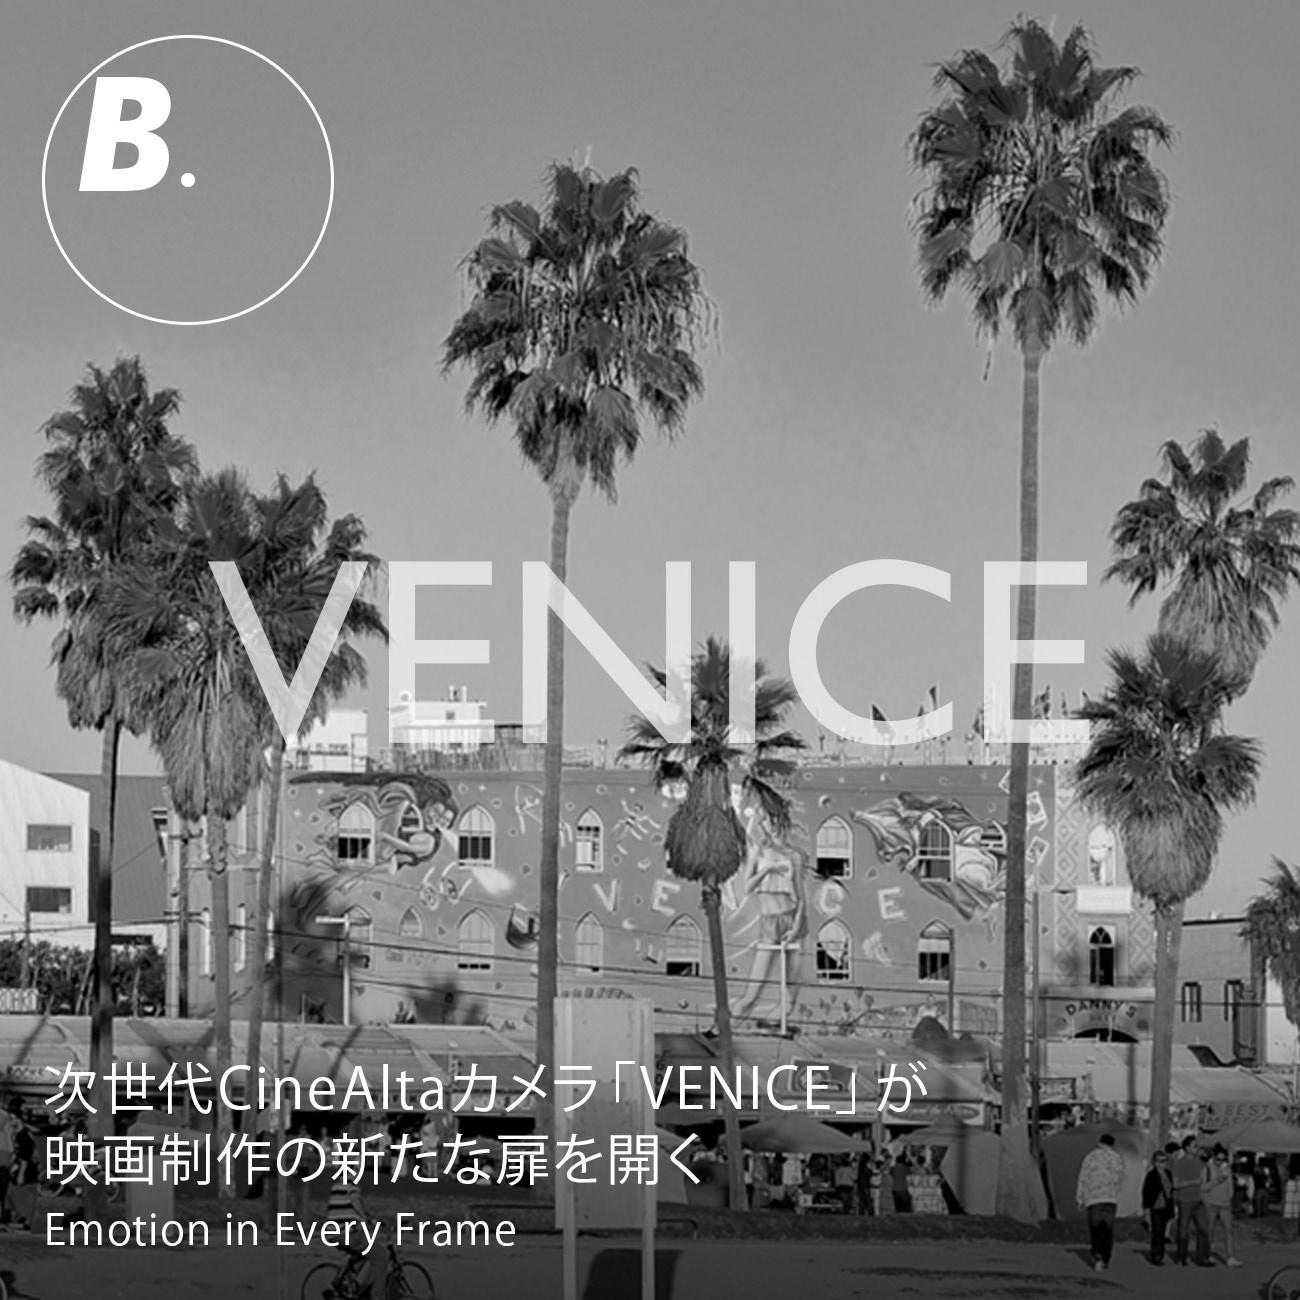 次世代CineAitaカメラ「VENICE」が映画制作の新たな扉を開く。ーEmotion in Every Frameー